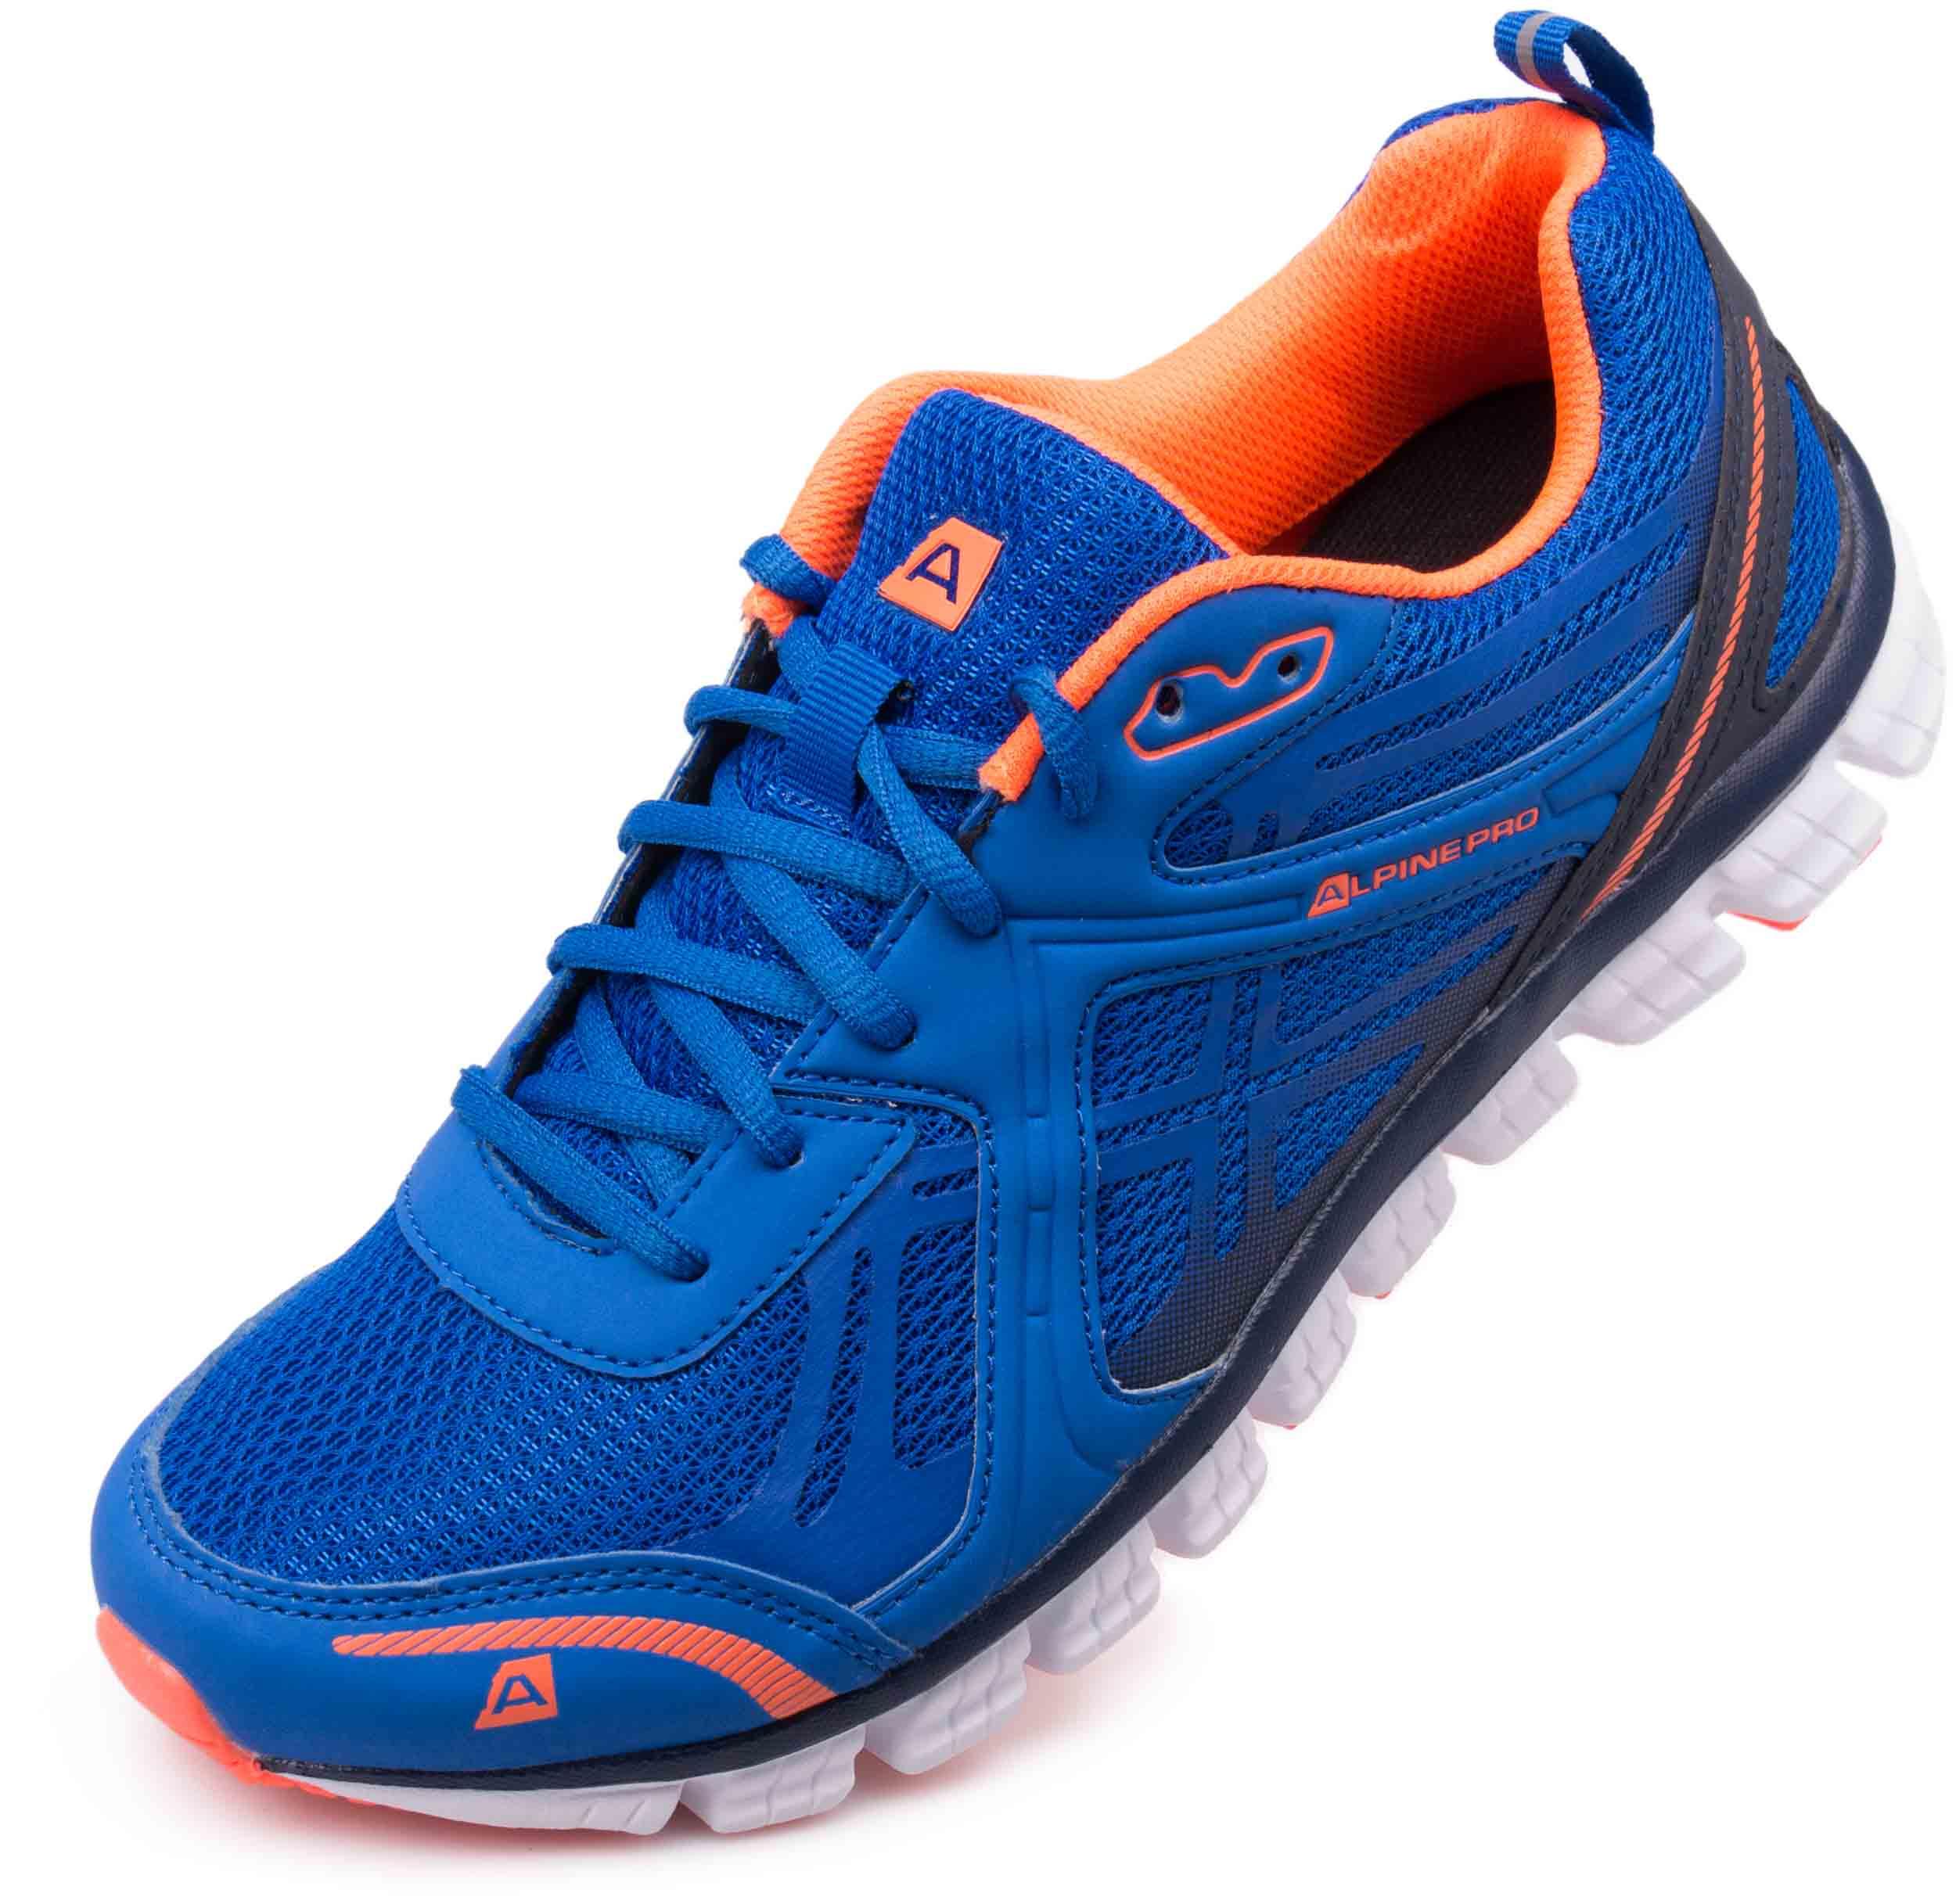 622350f3e0b Obuv   Pánská sportovní obuv Alpine Pro Krar